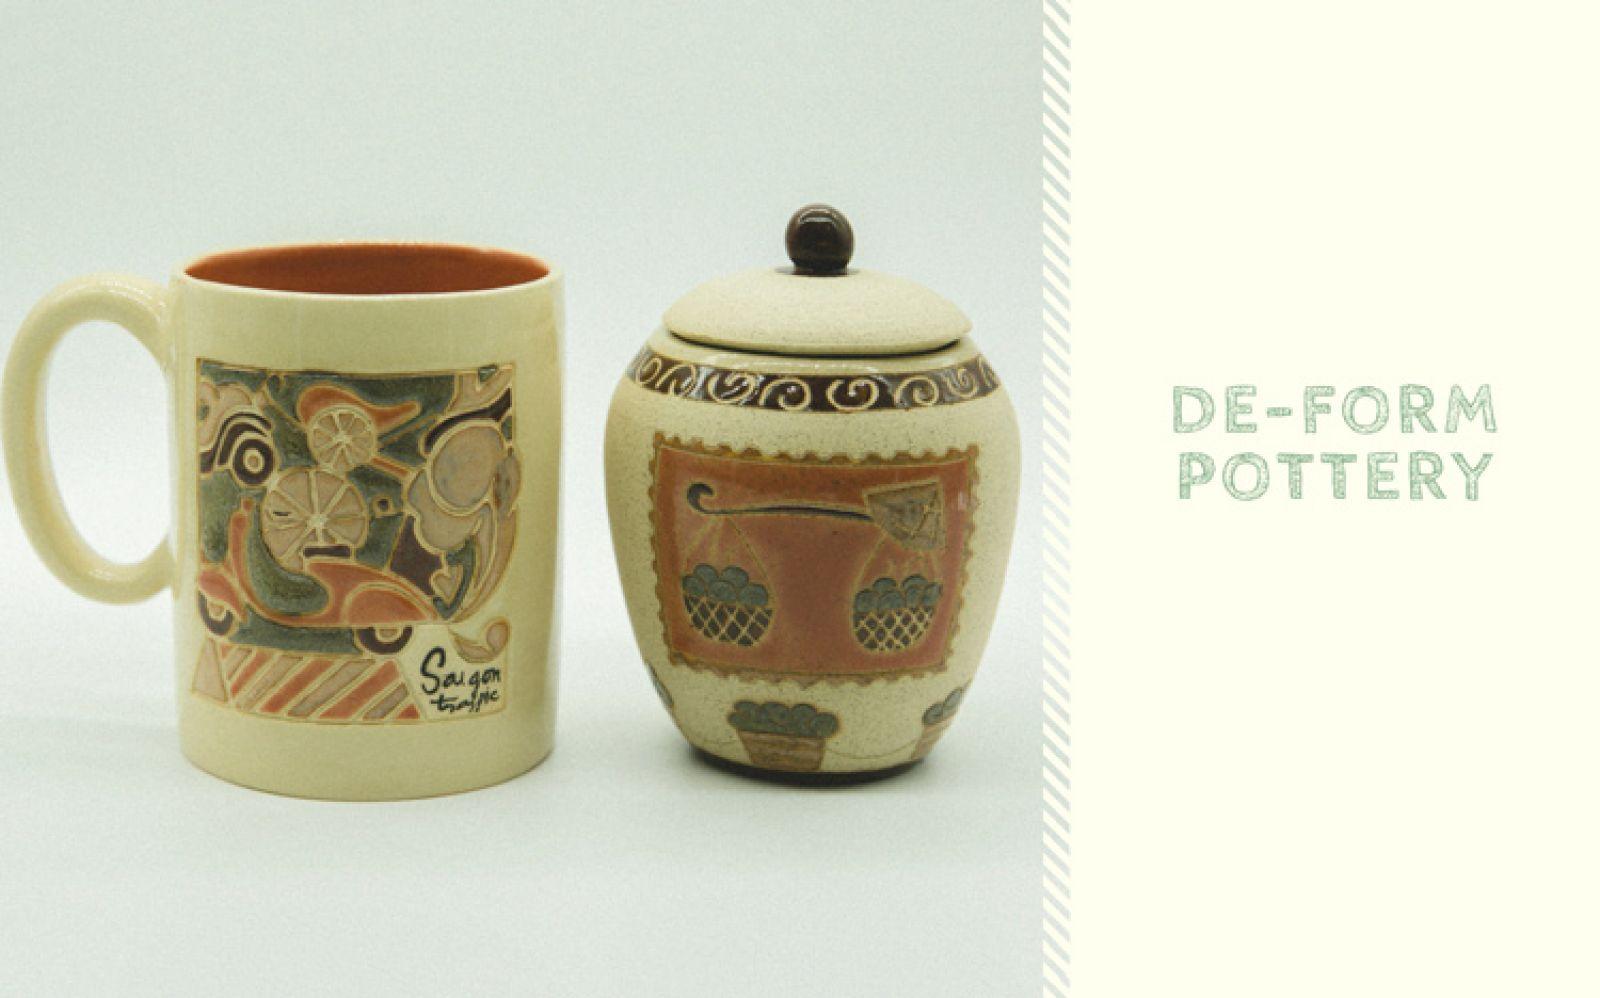 Các sản phẩm của De-form hiện đang được phân phối đến du khách qua các cửa hàng lưu niệm ở trung tâm Sài Gòn